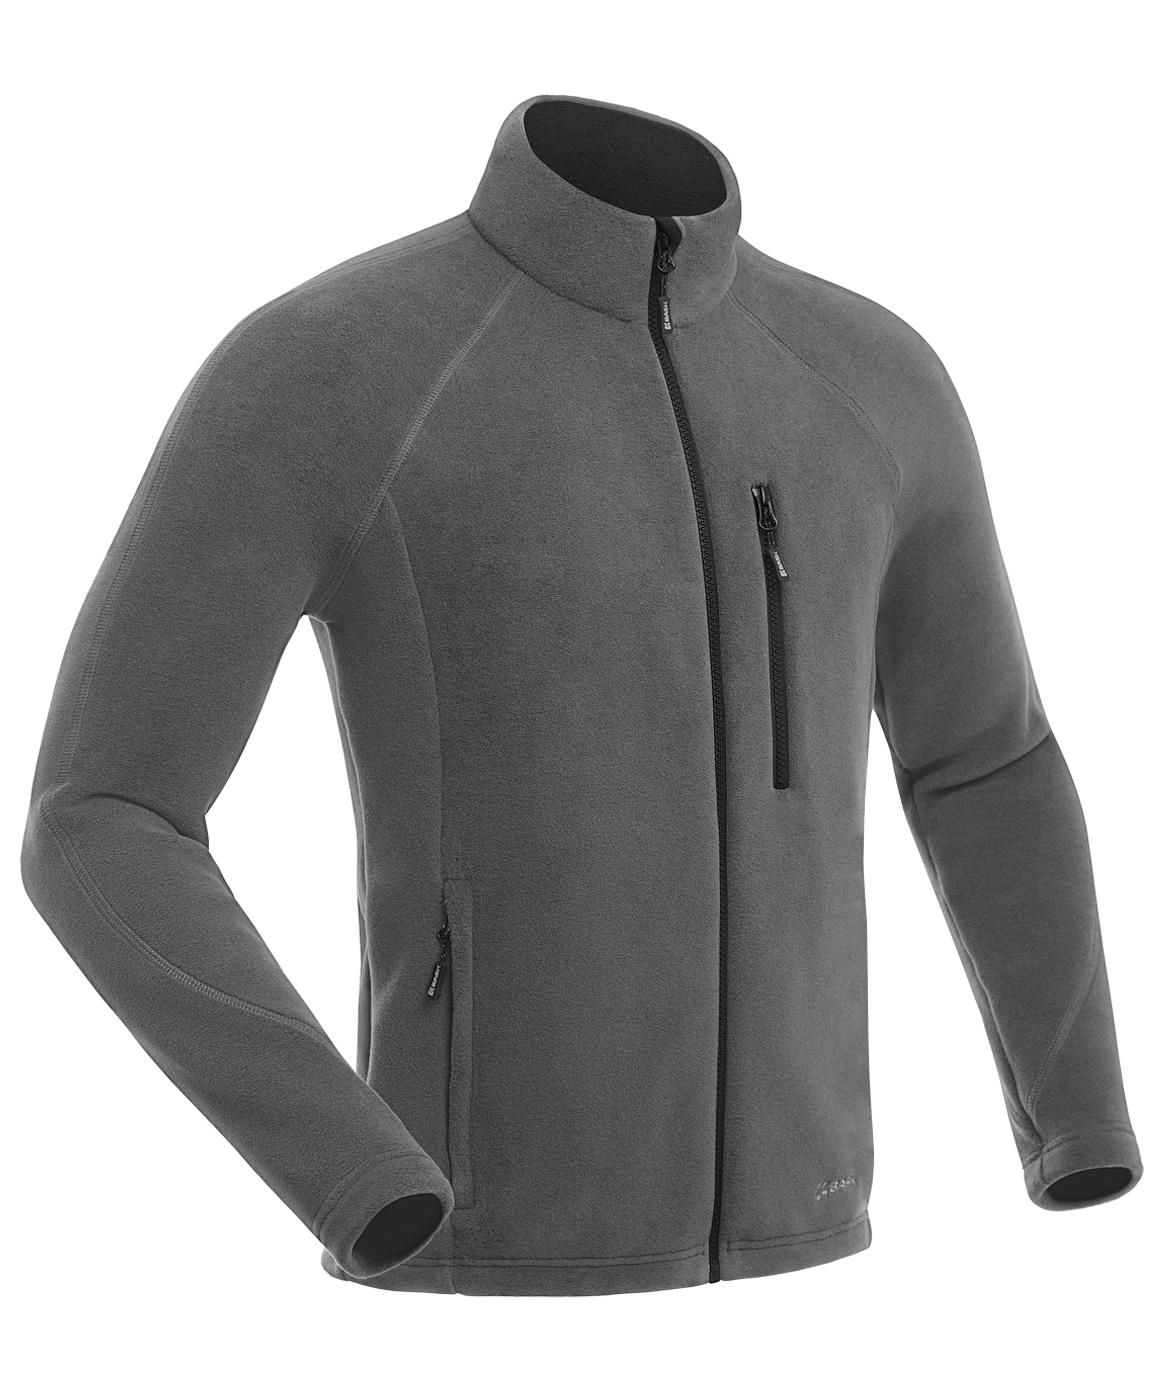 Купить Куртка Polartec BASK JUMP MJ серый тмн, Компания БАСК